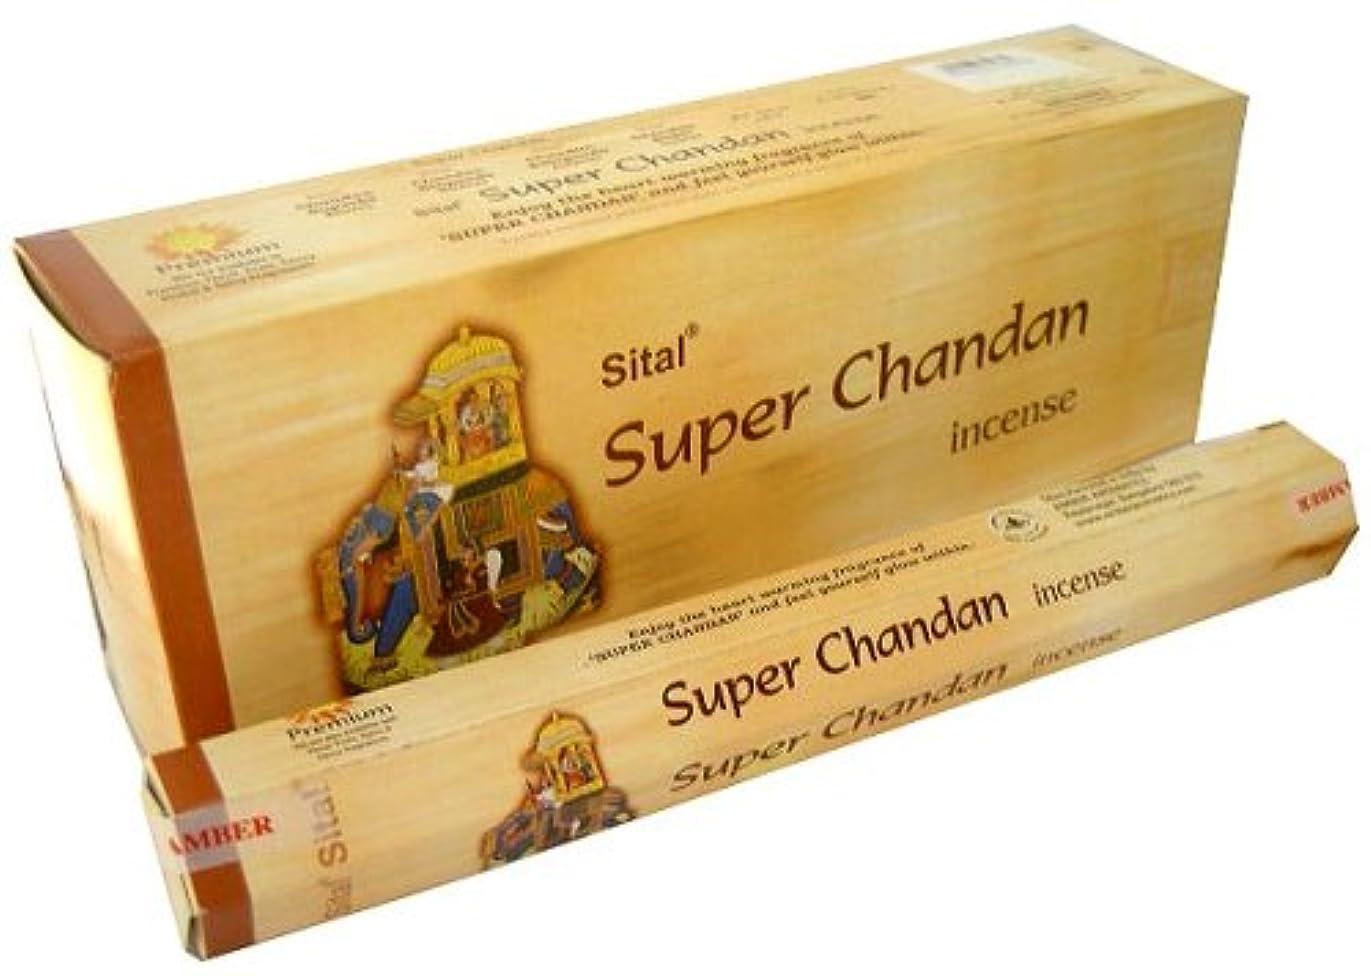 大脳承認正午Sital スーパーチャンダン 3個セット